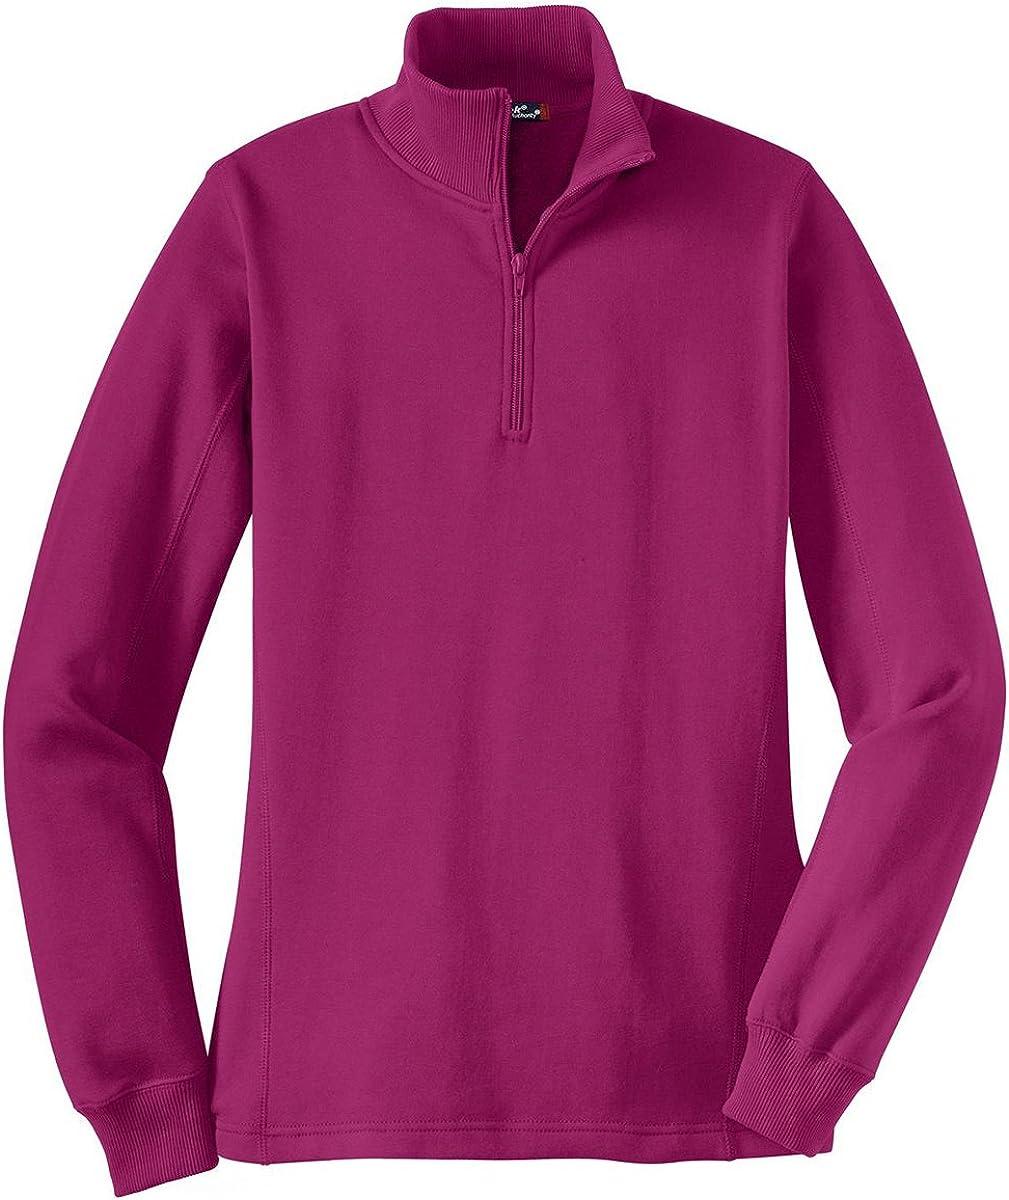 SPORT-TEK Choice Women's 1 Ranking TOP14 Zip Sweatshirt 4